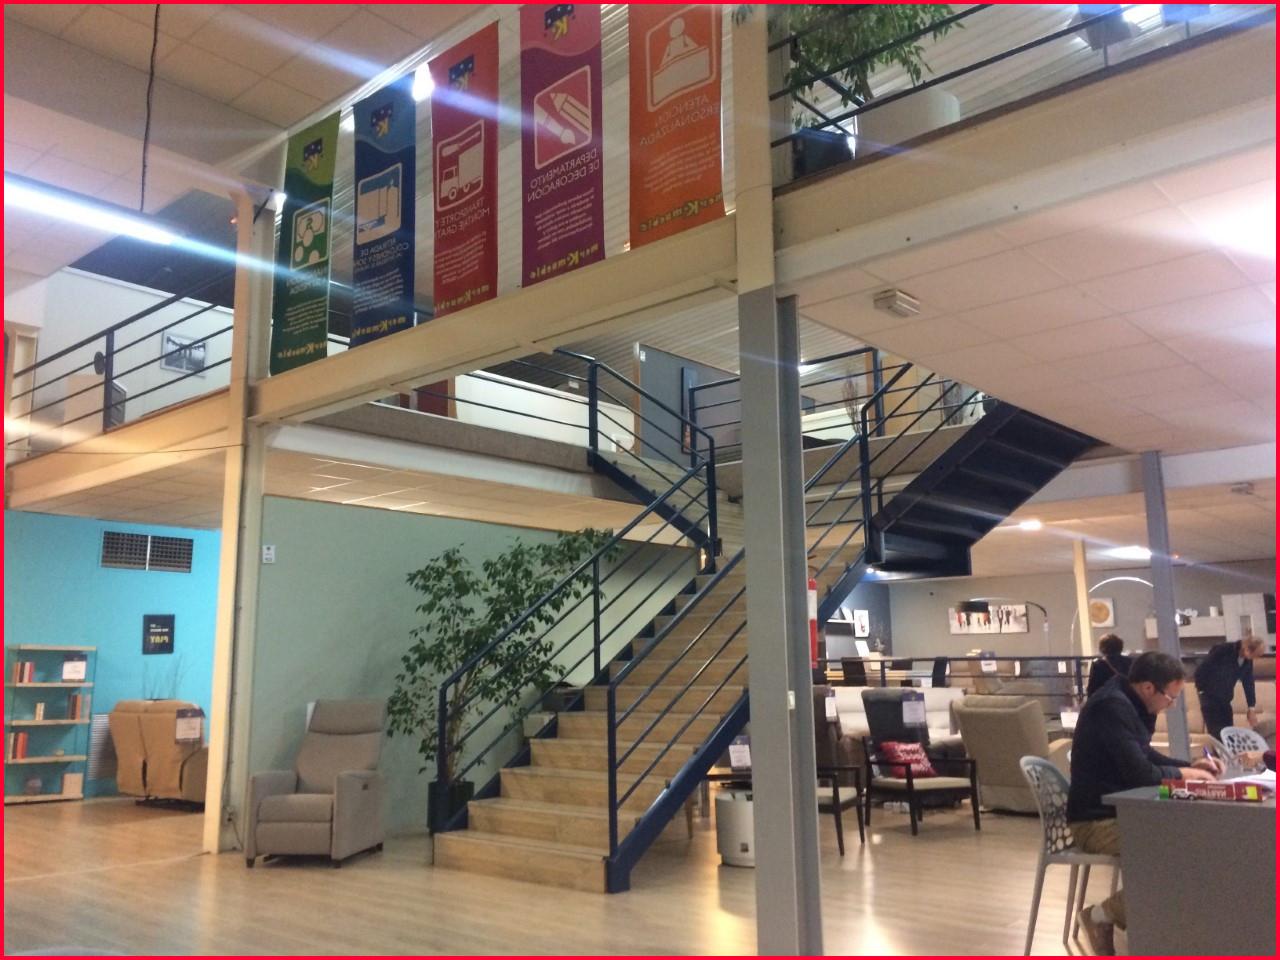 Tiendas De Muebles En Pamplona Y Alrededores Irdz Tienda De Muebles En Pamplona Tiendas De Muebles En Navarra